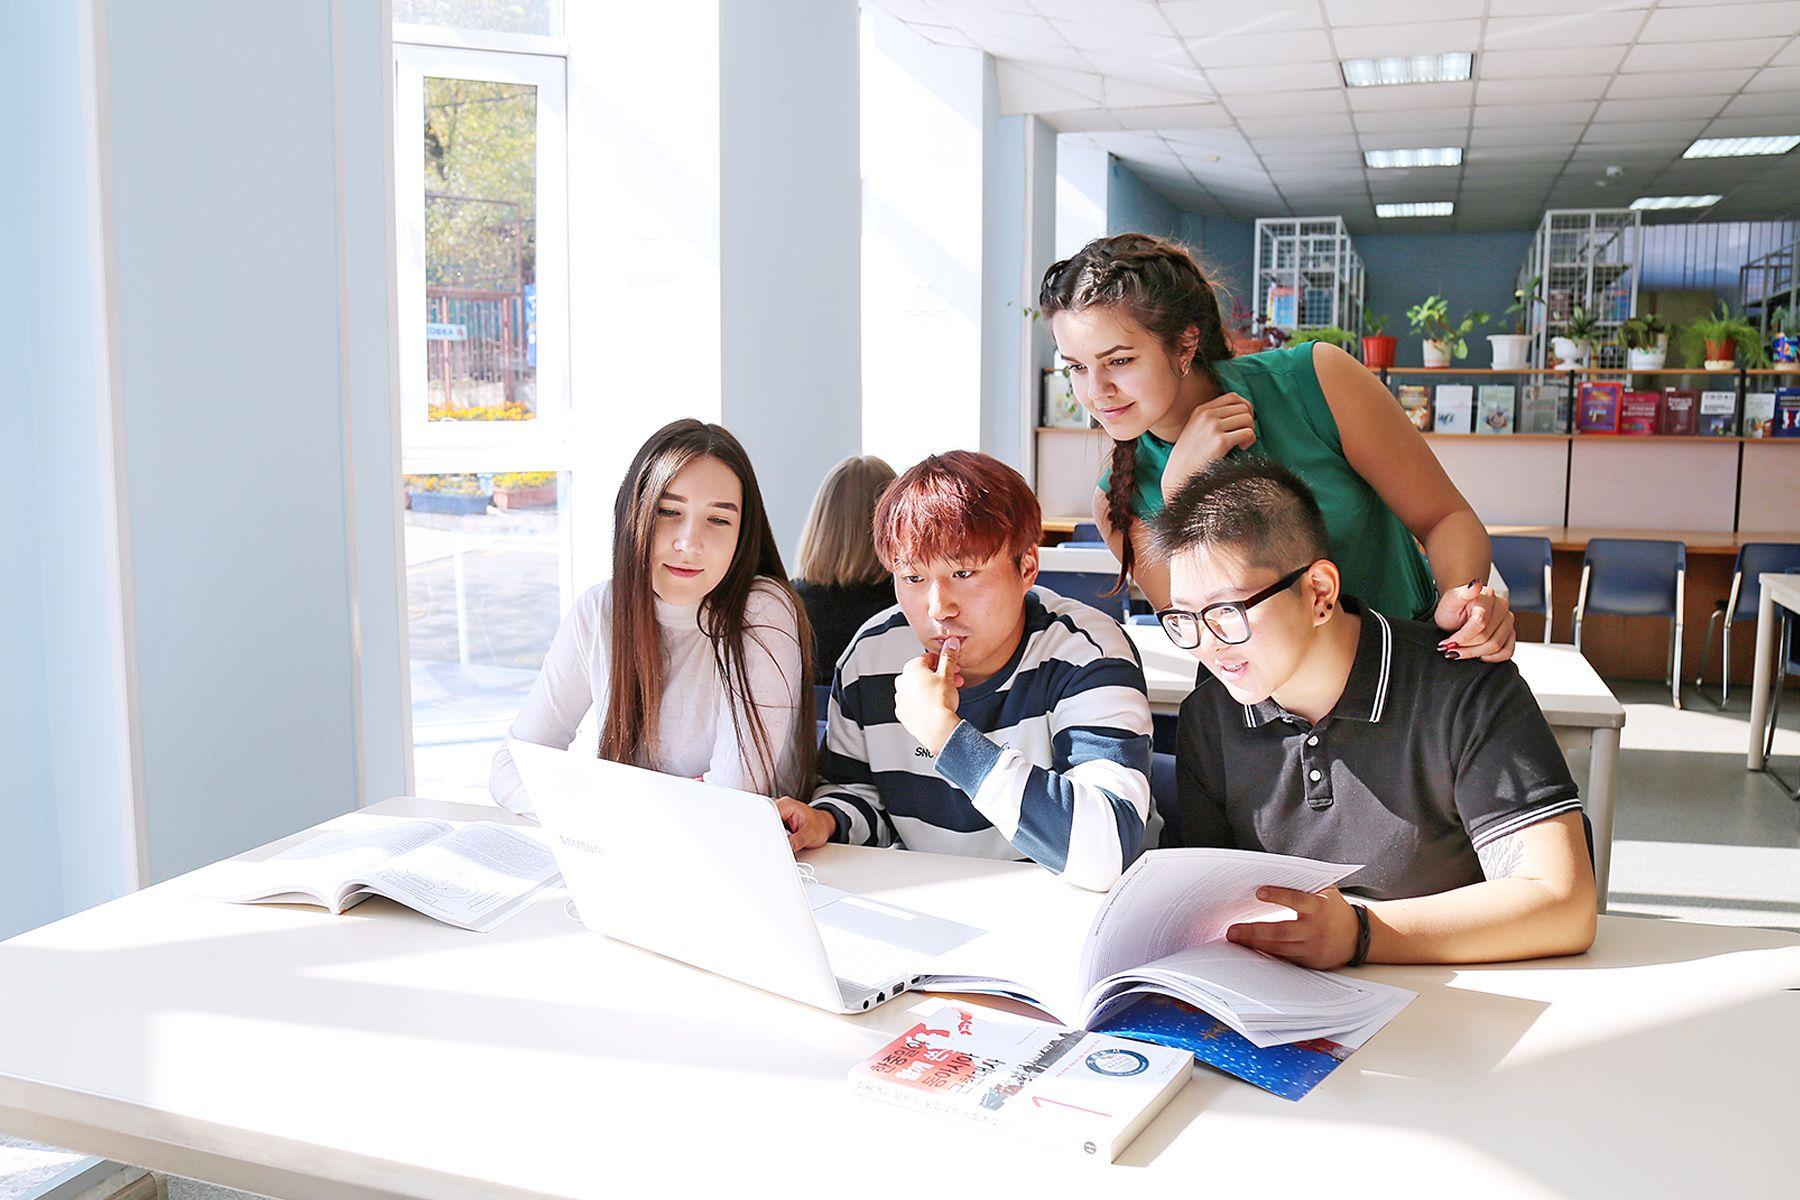 «Университет делится своими достижениями» - проект ВГУЭС о новых знаниях и актуальных технологиях.